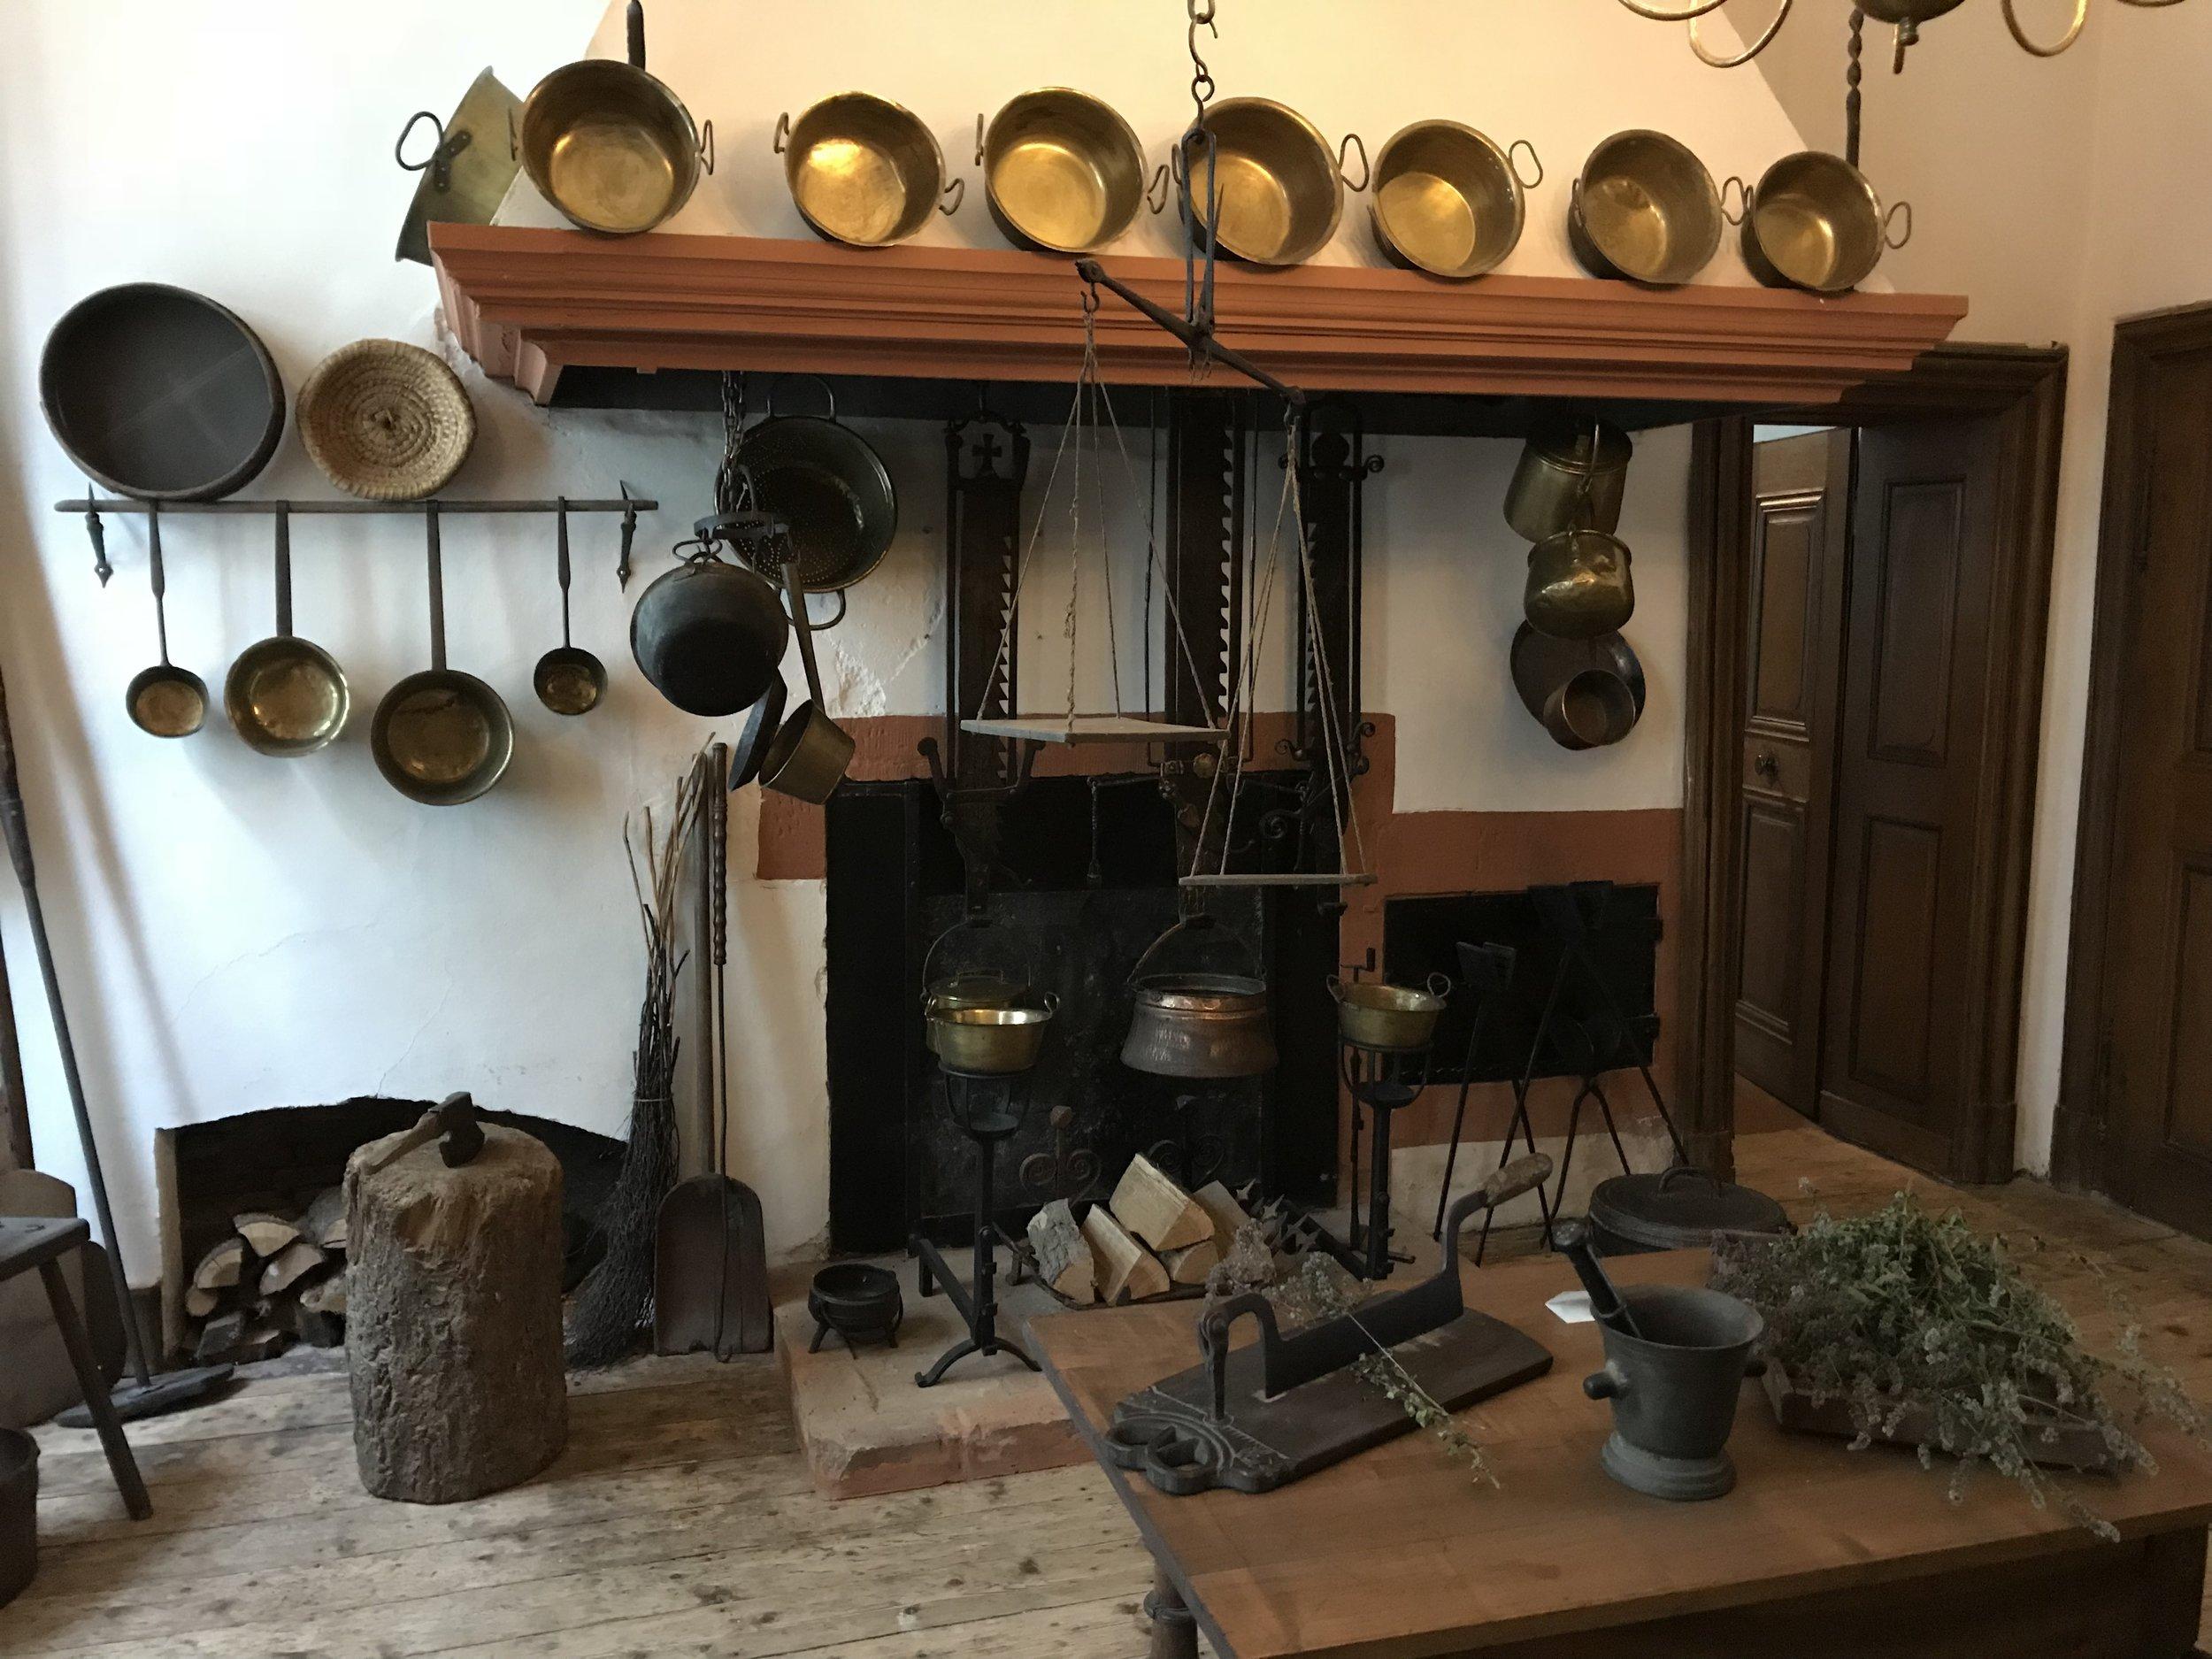 Die Küche mit offenem Herd